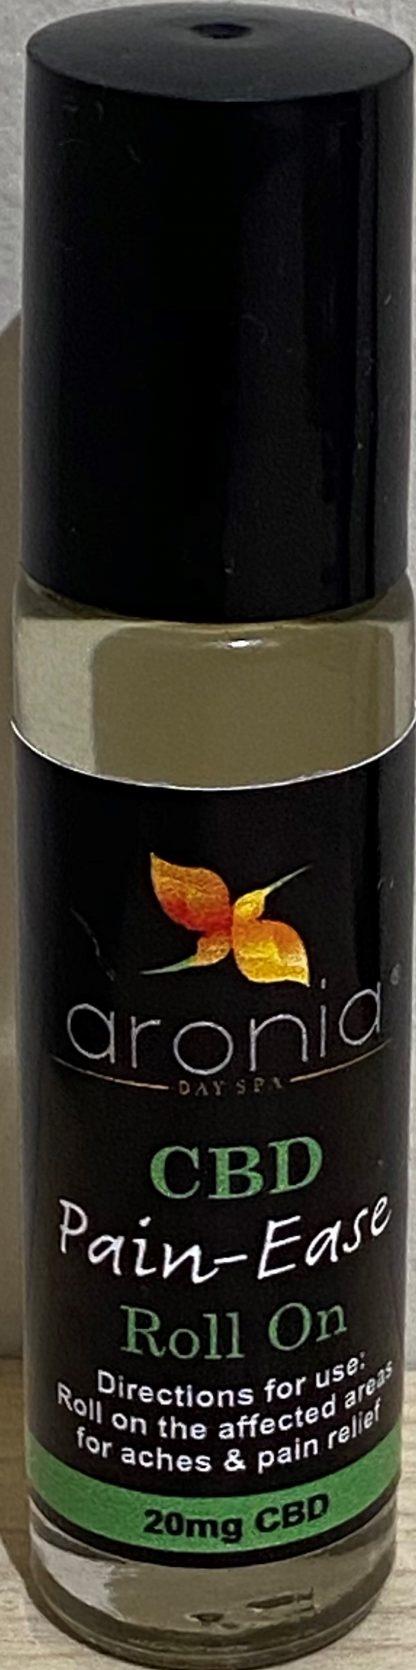 aronia cbd oil